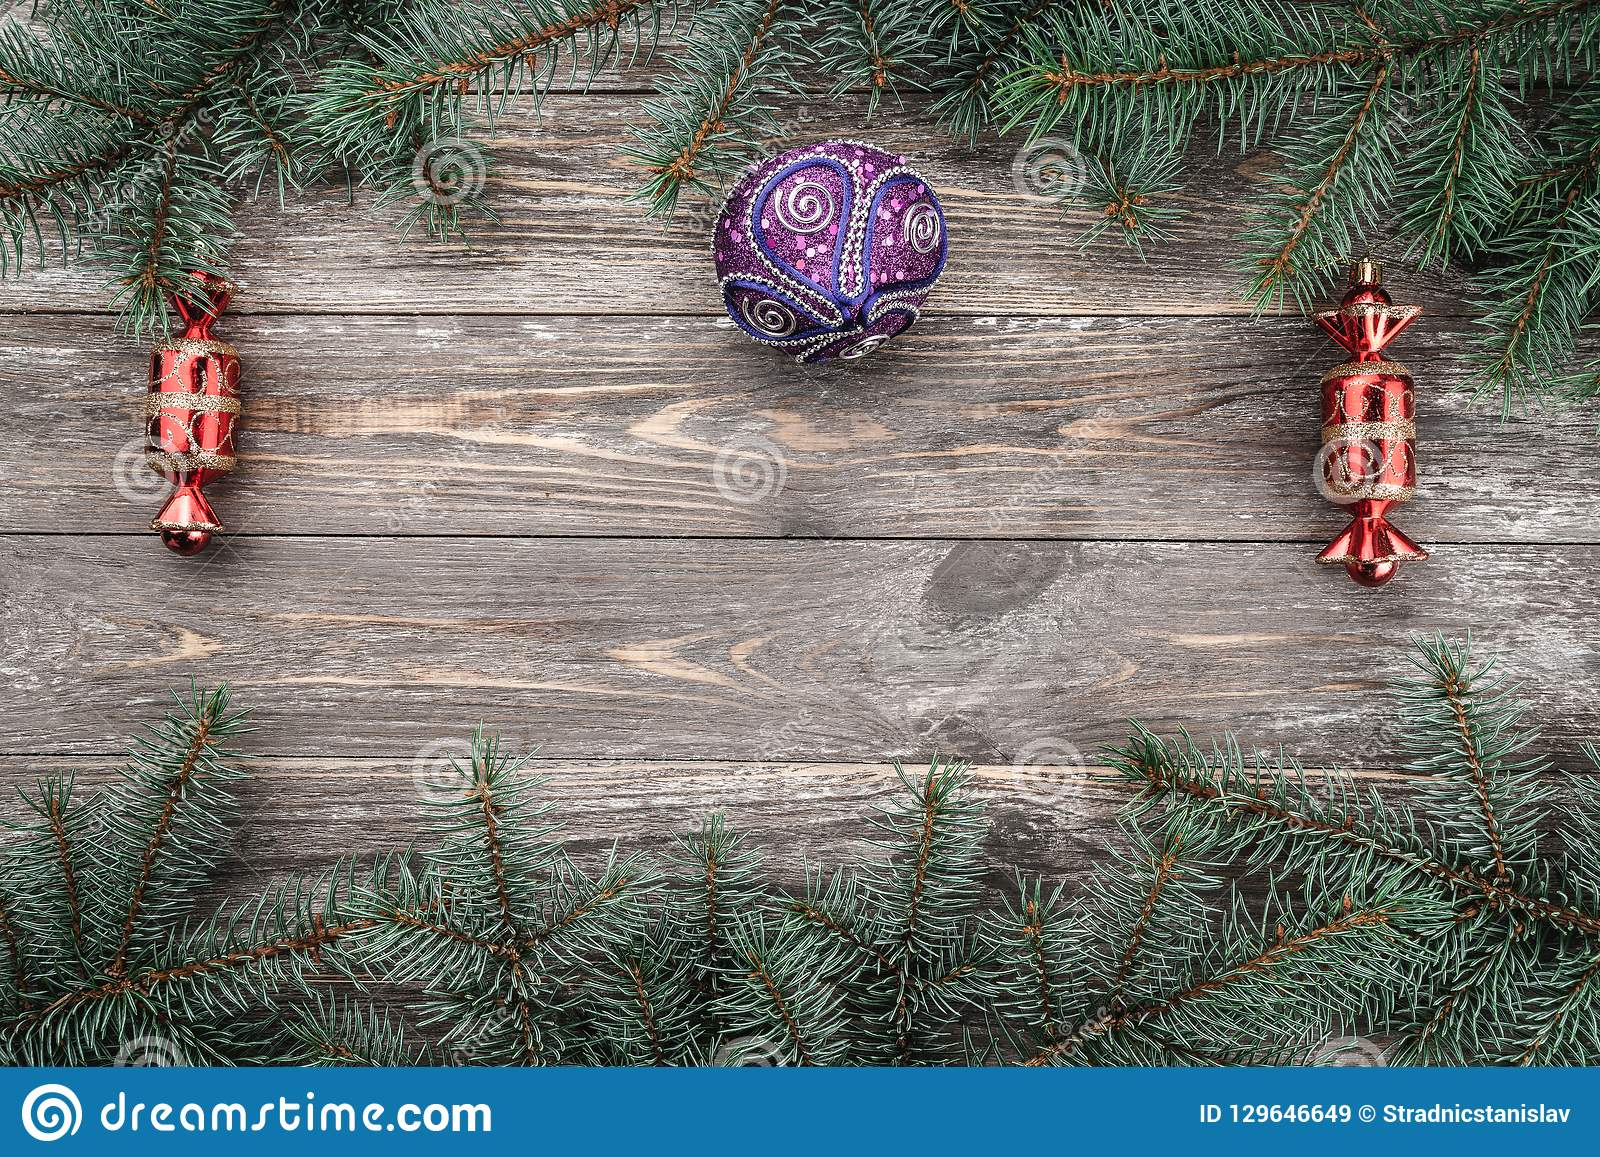 Παλαιό ξύλινο υπόβαθρο με τους κλάδους έλατου με τα παιχνίδια Διάστημα για ένα μήνυμα χαιρετισμού ουρανός santa του Klaus παγετού